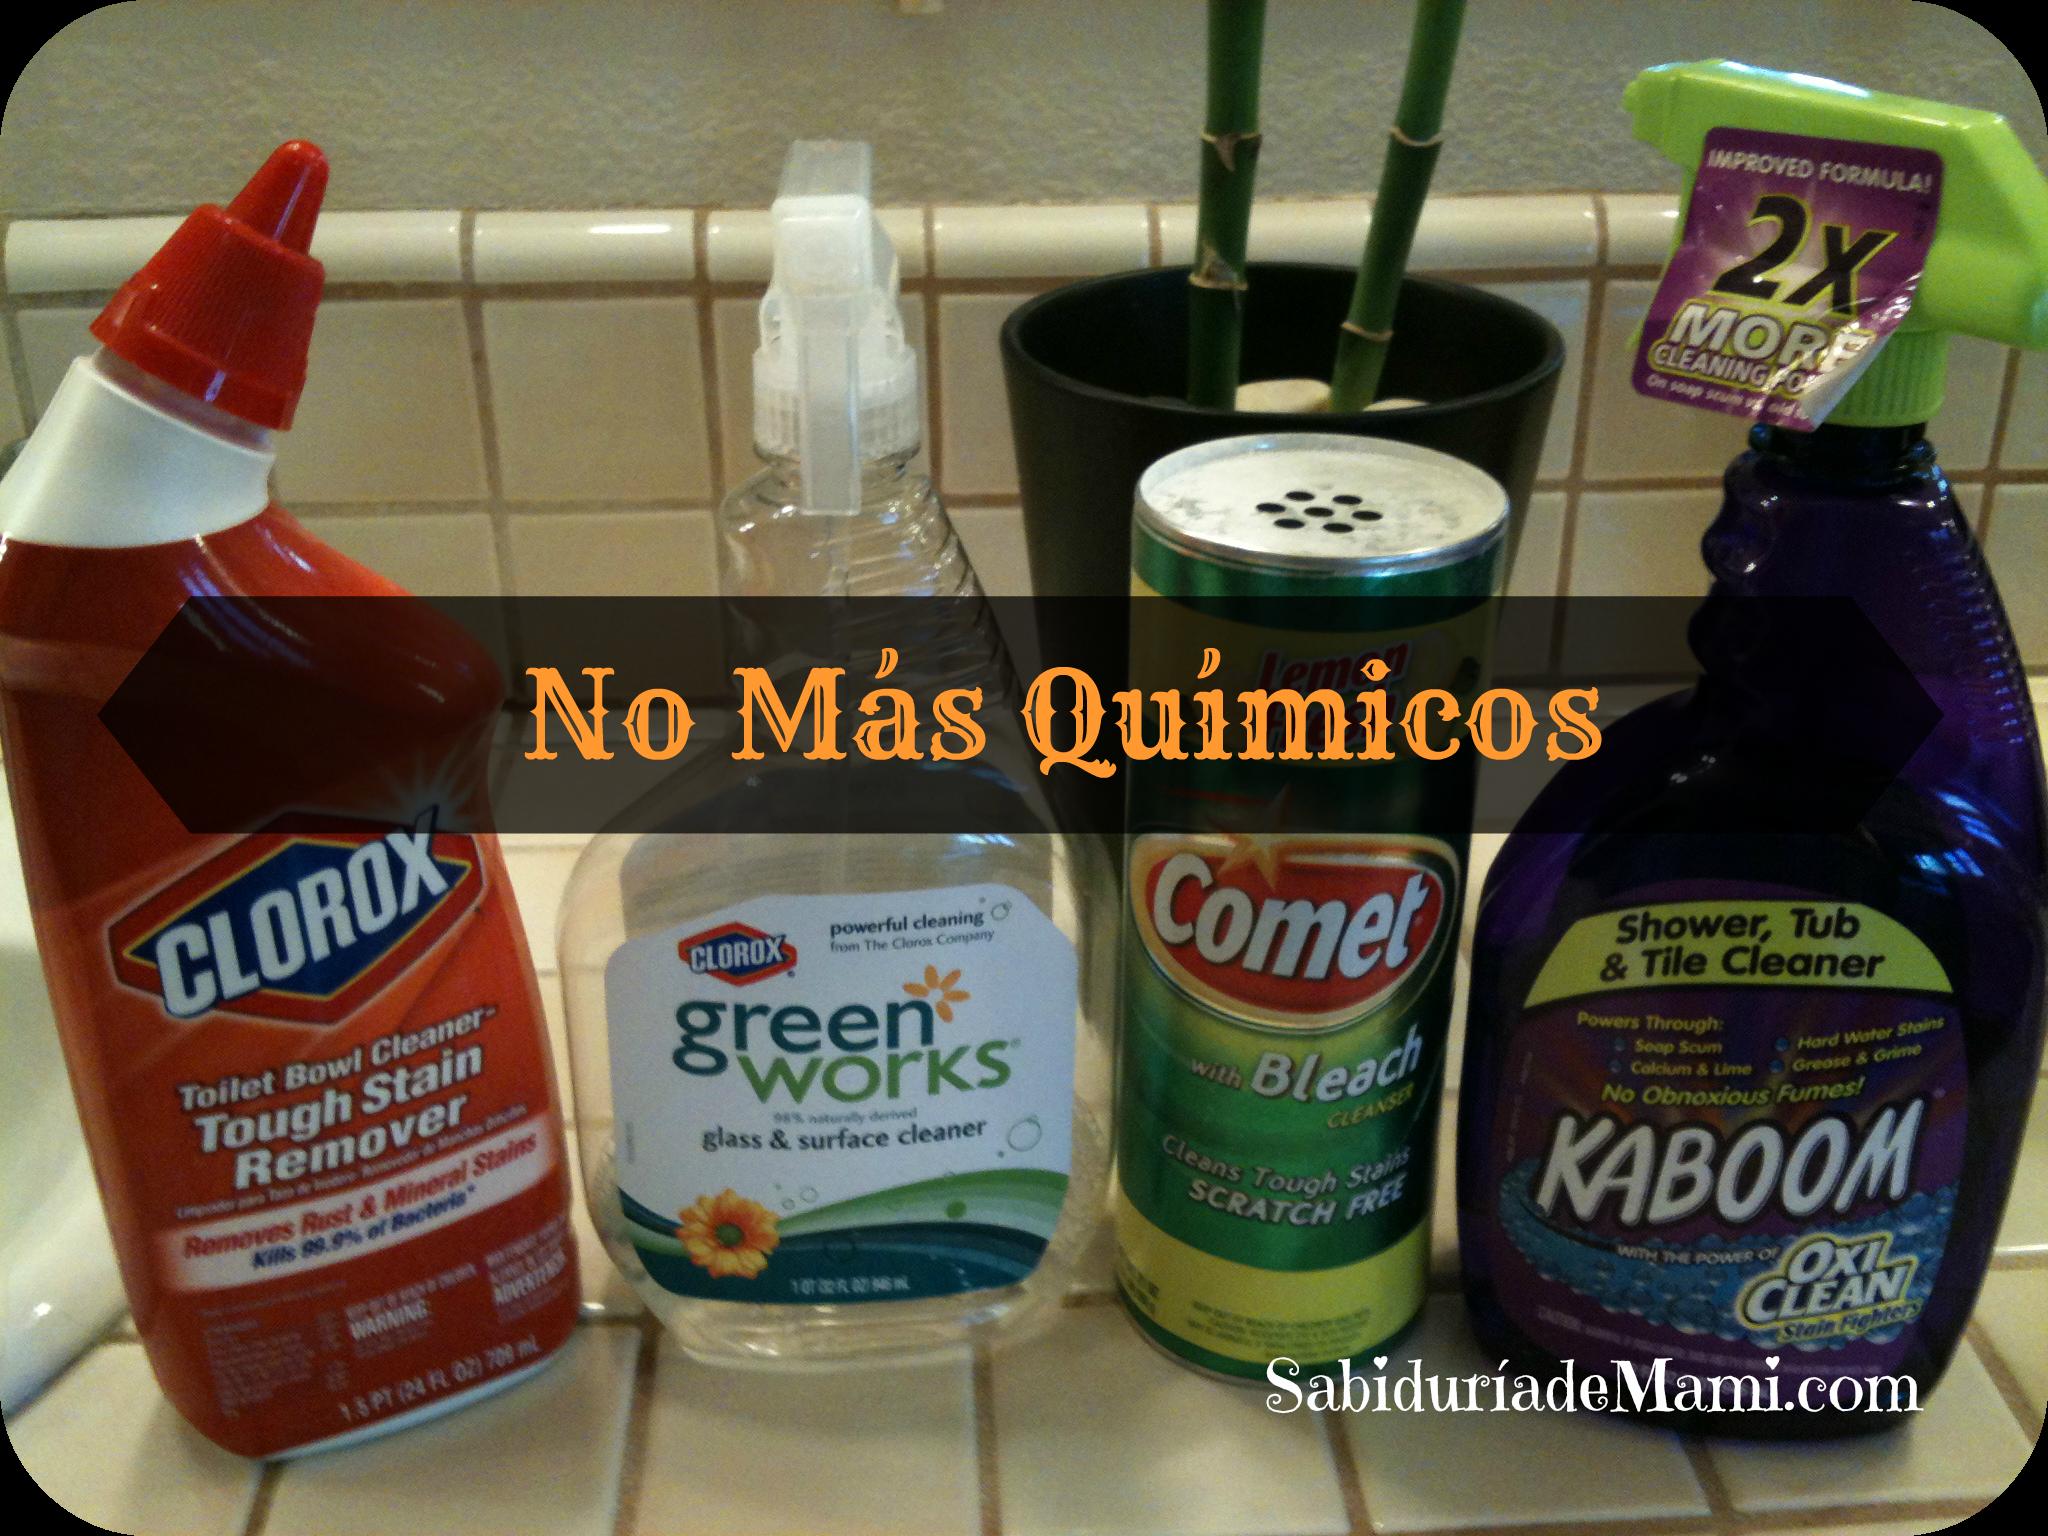 10 productos qu micos que ya no uso para limpiar los ba os for Productos de bano